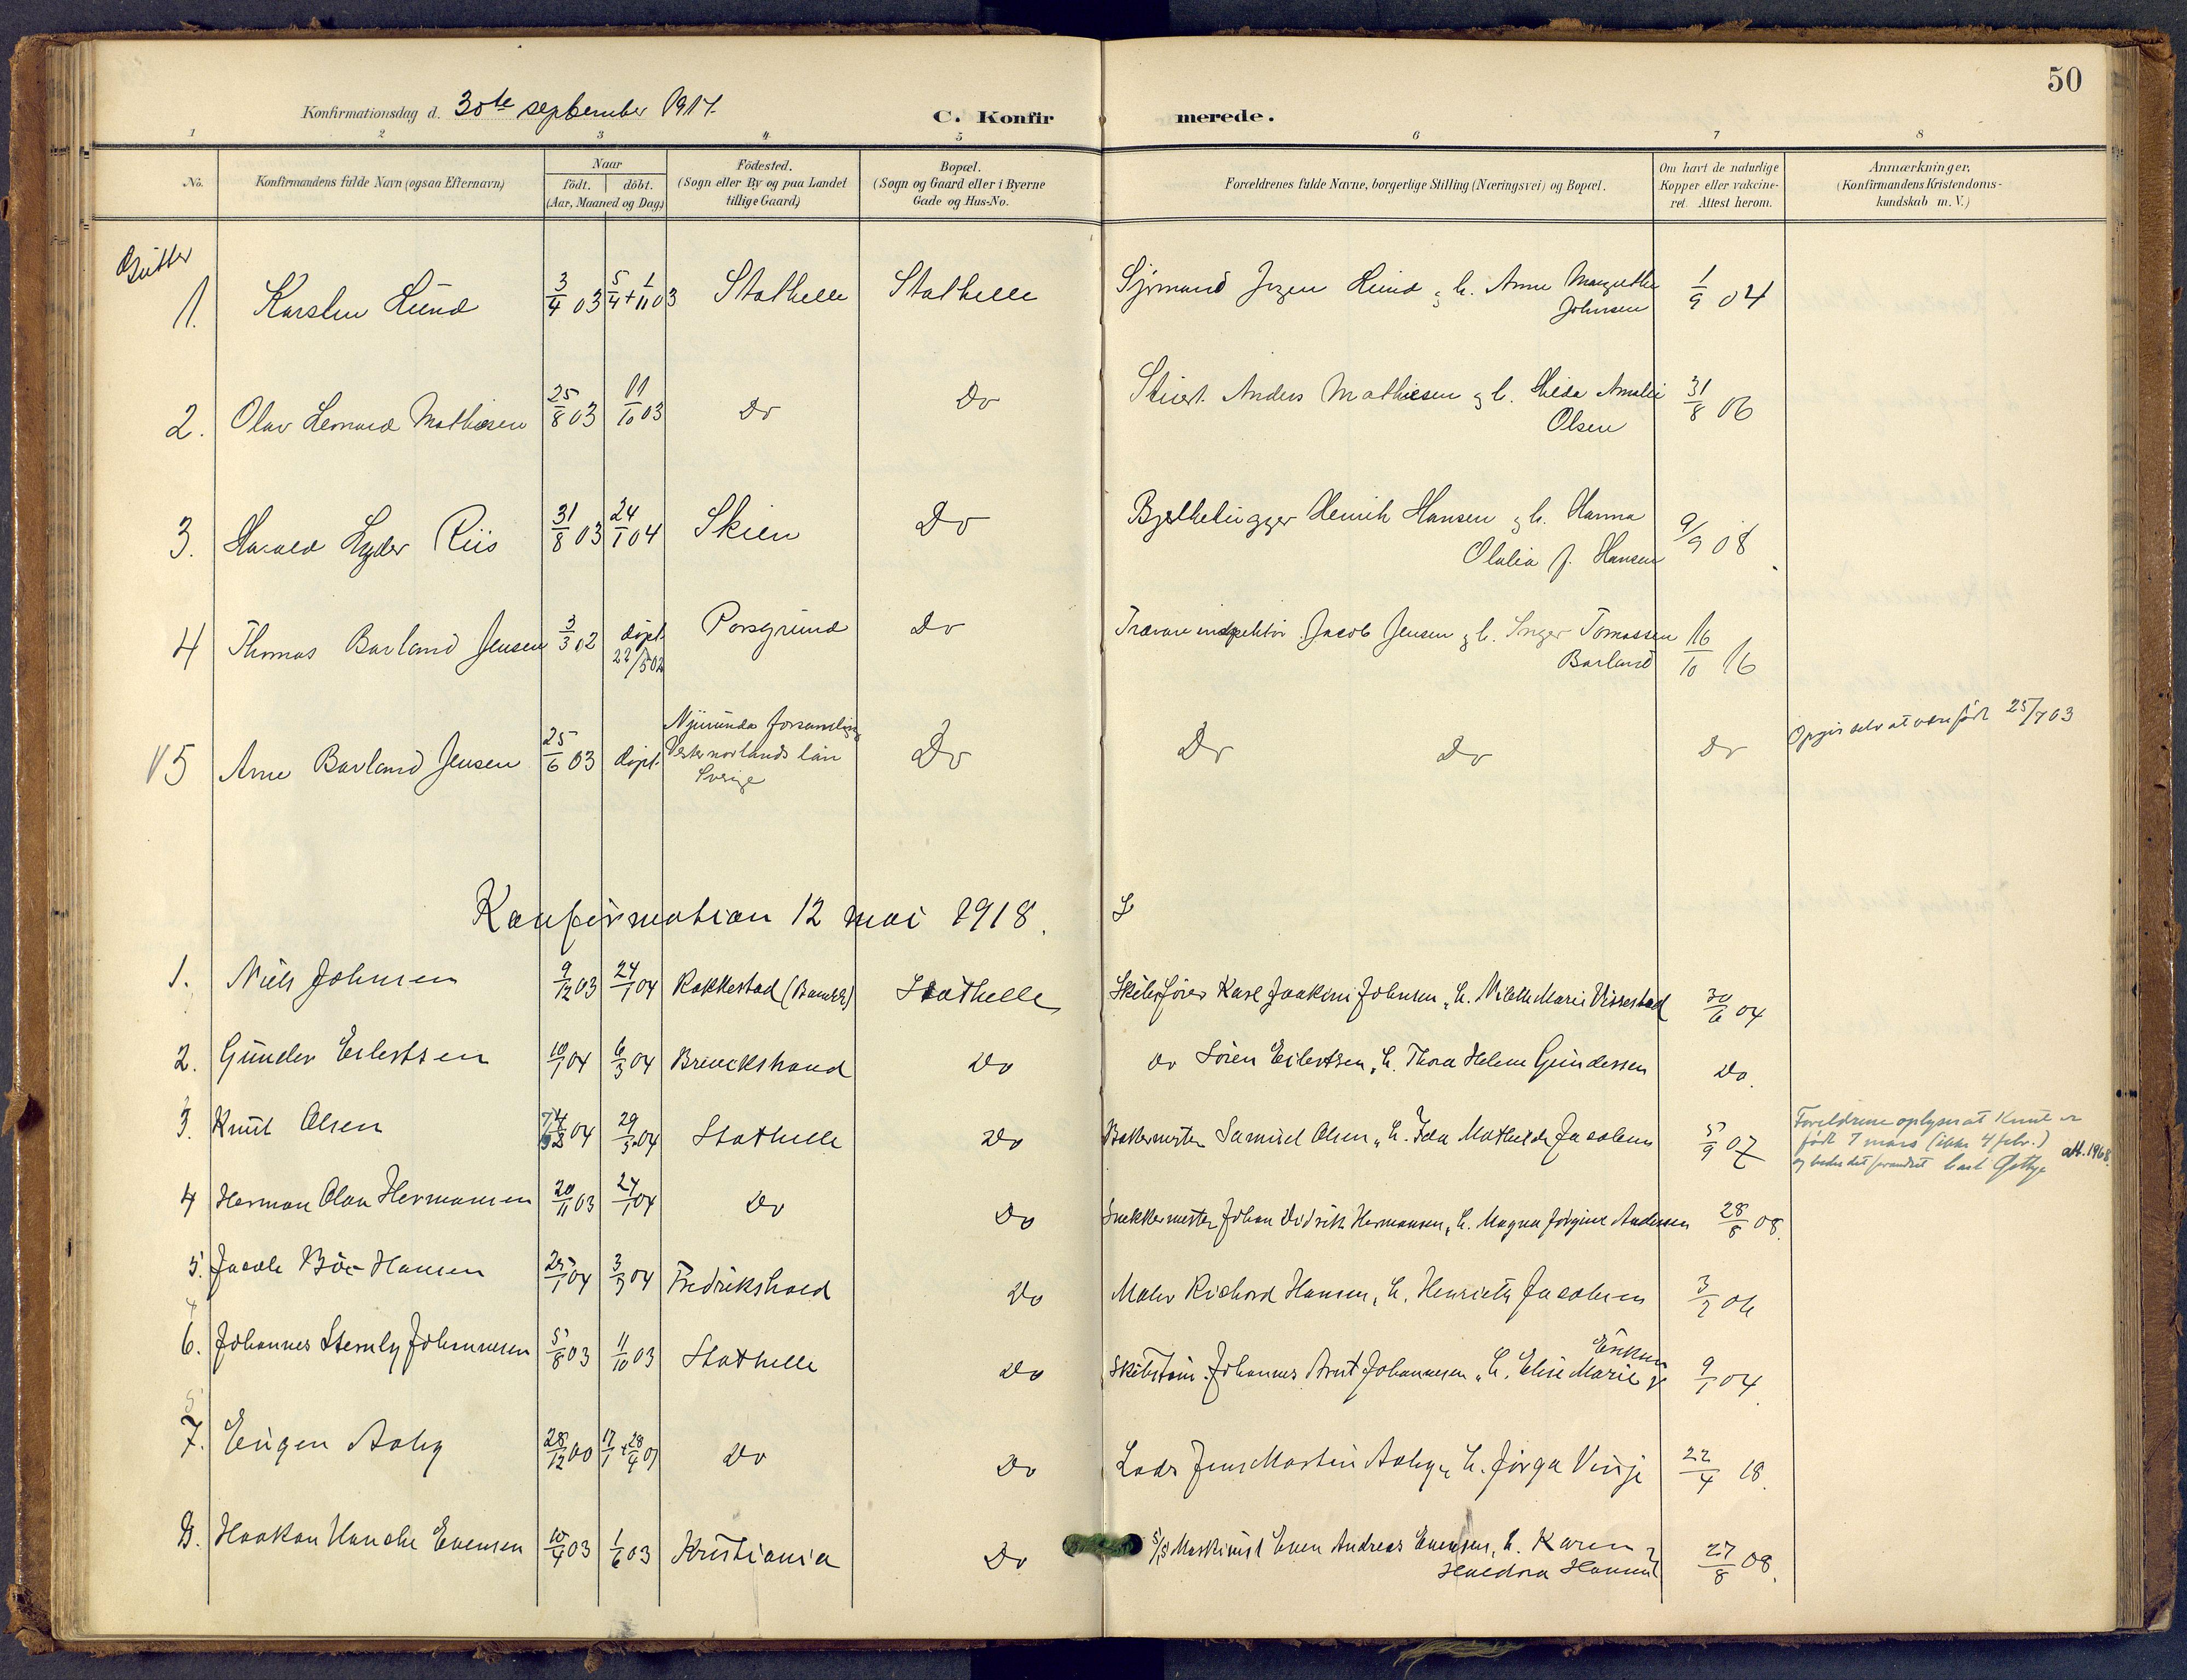 SAKO, Bamble kirkebøker, F/Fb/L0002: Ministerialbok nr. II 2, 1900-1921, s. 50